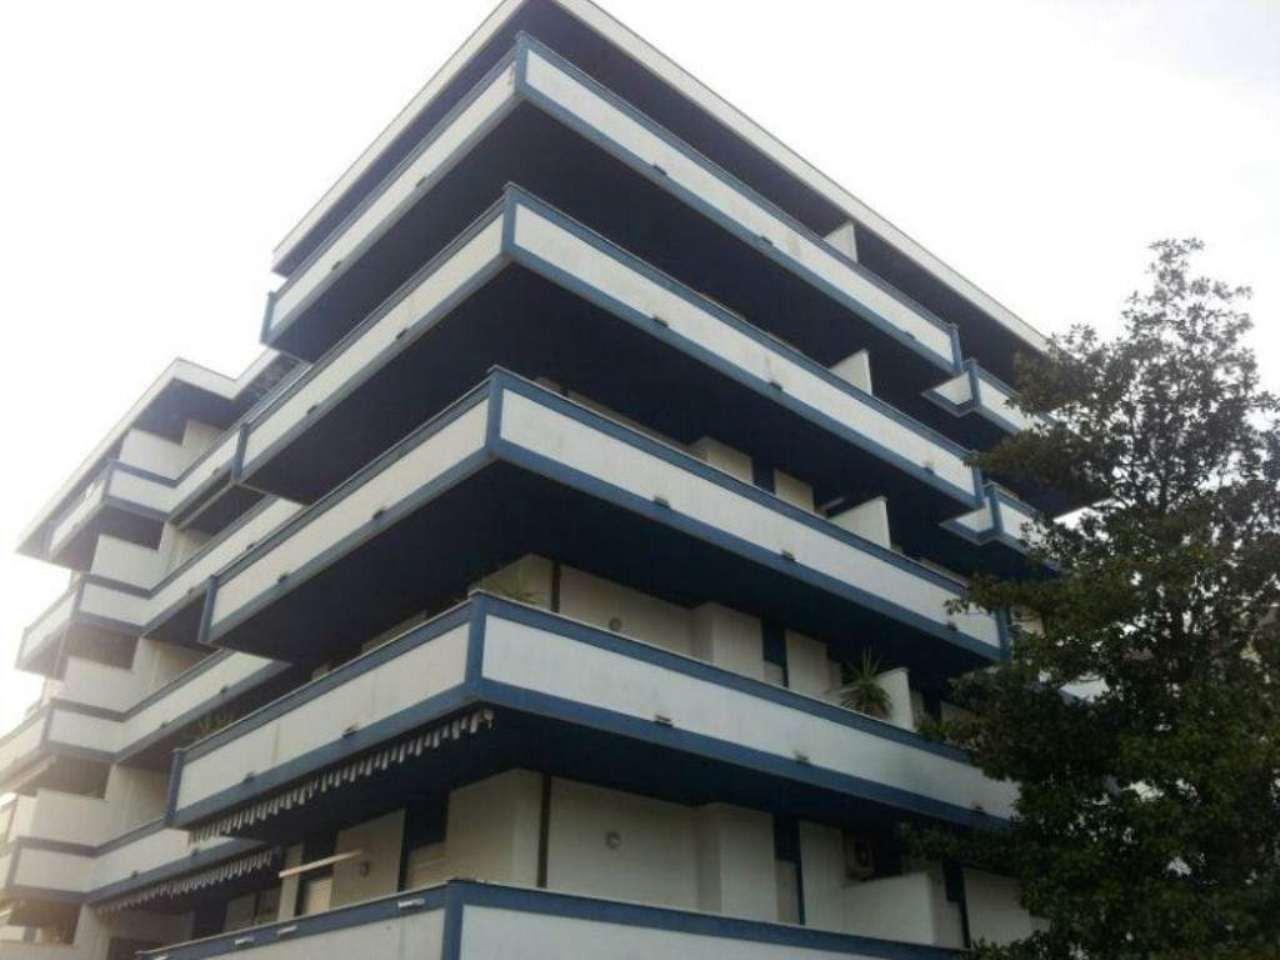 Attico / Mansarda in vendita a Silvi, 3 locali, prezzo € 129.000 | CambioCasa.it